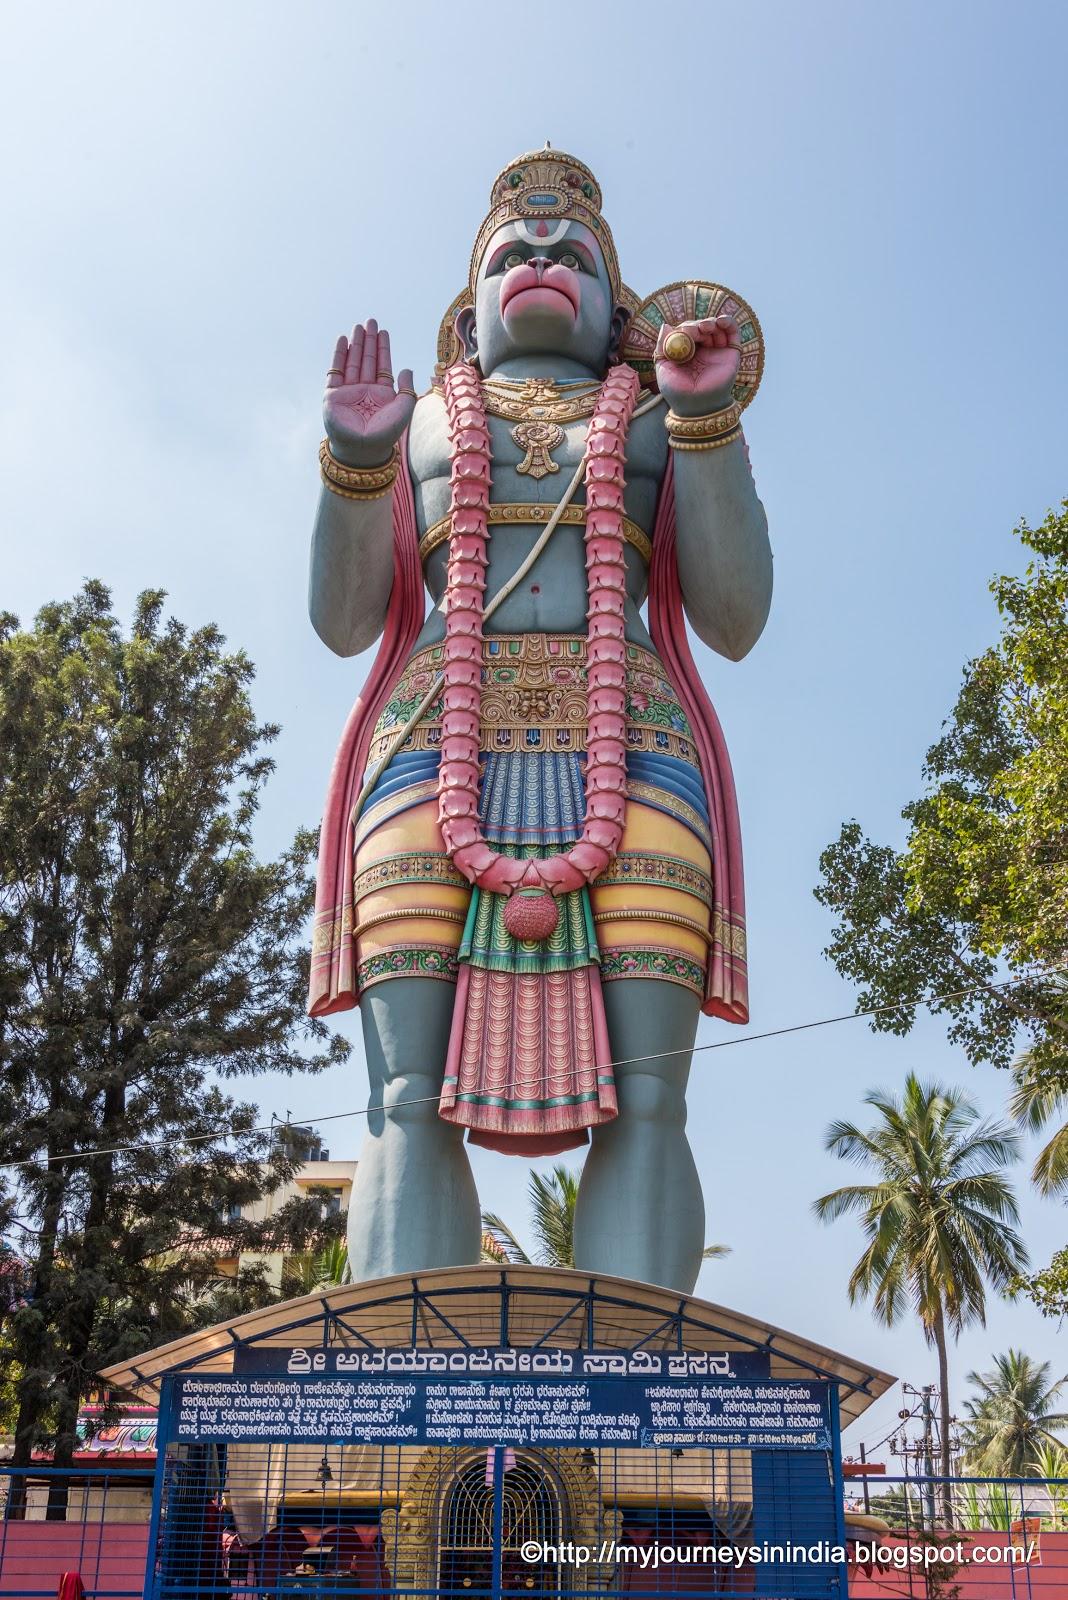 Annamma devi temple in bangalore dating